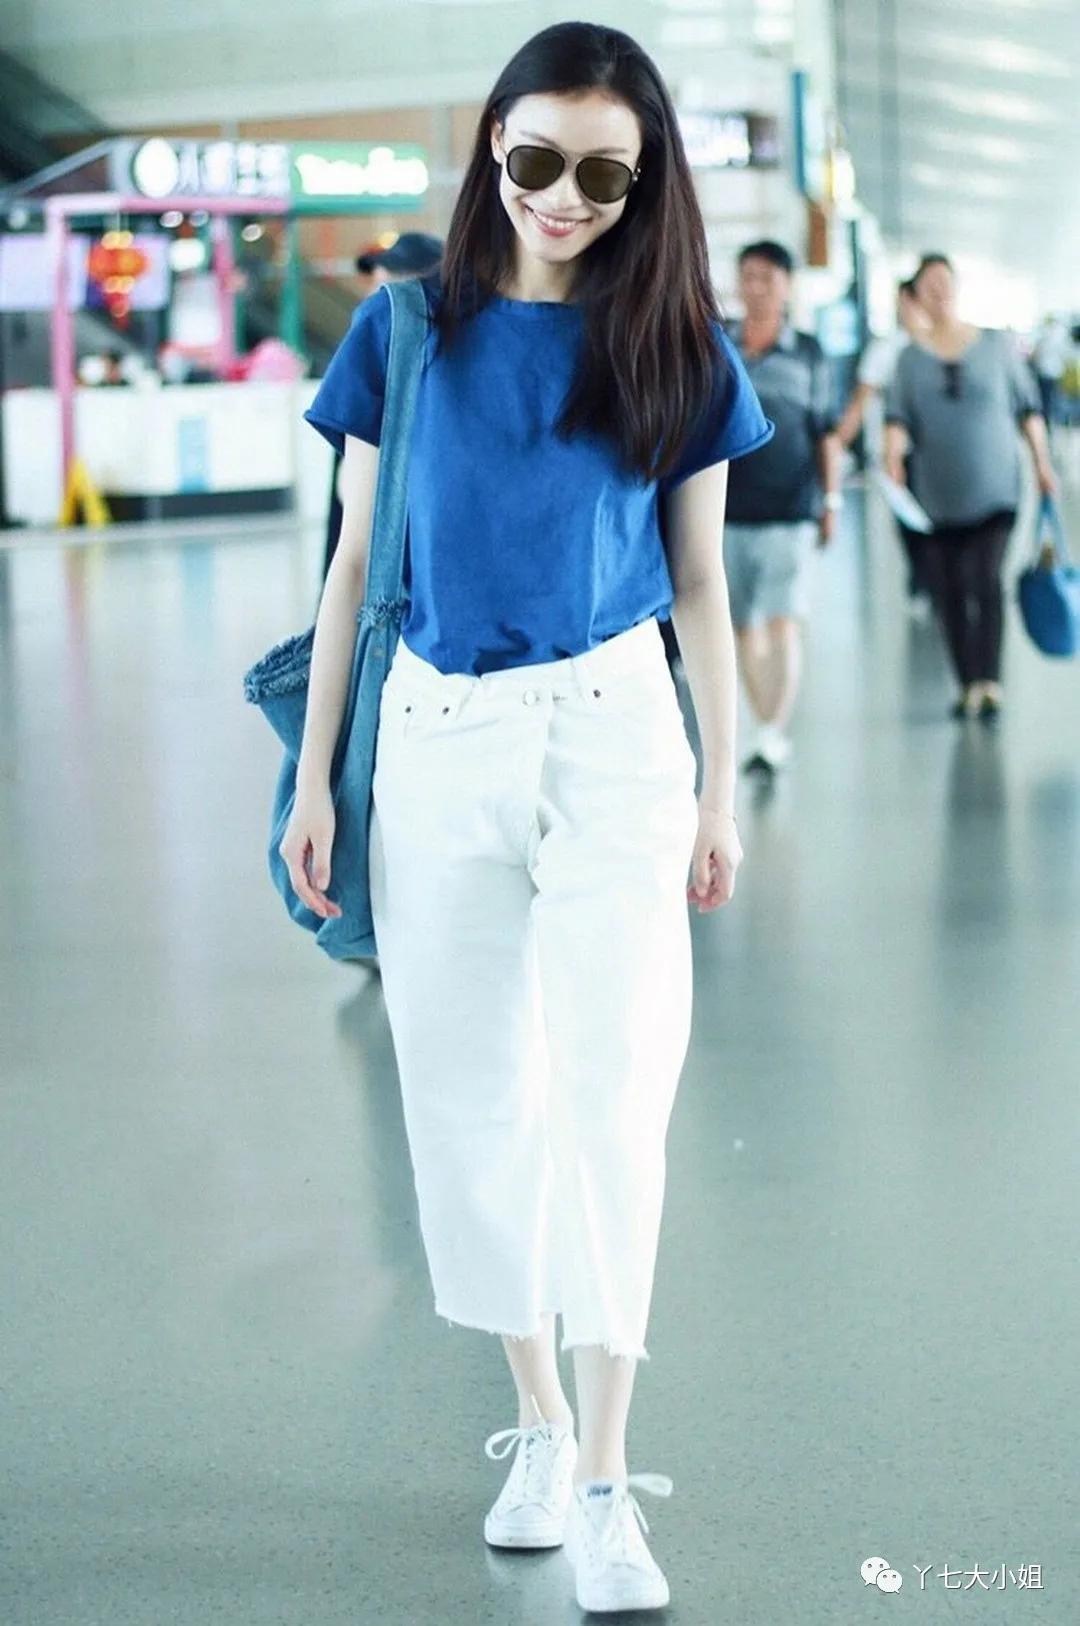 夏季一定要穿上藍色,顯白、顯氣質又降溫